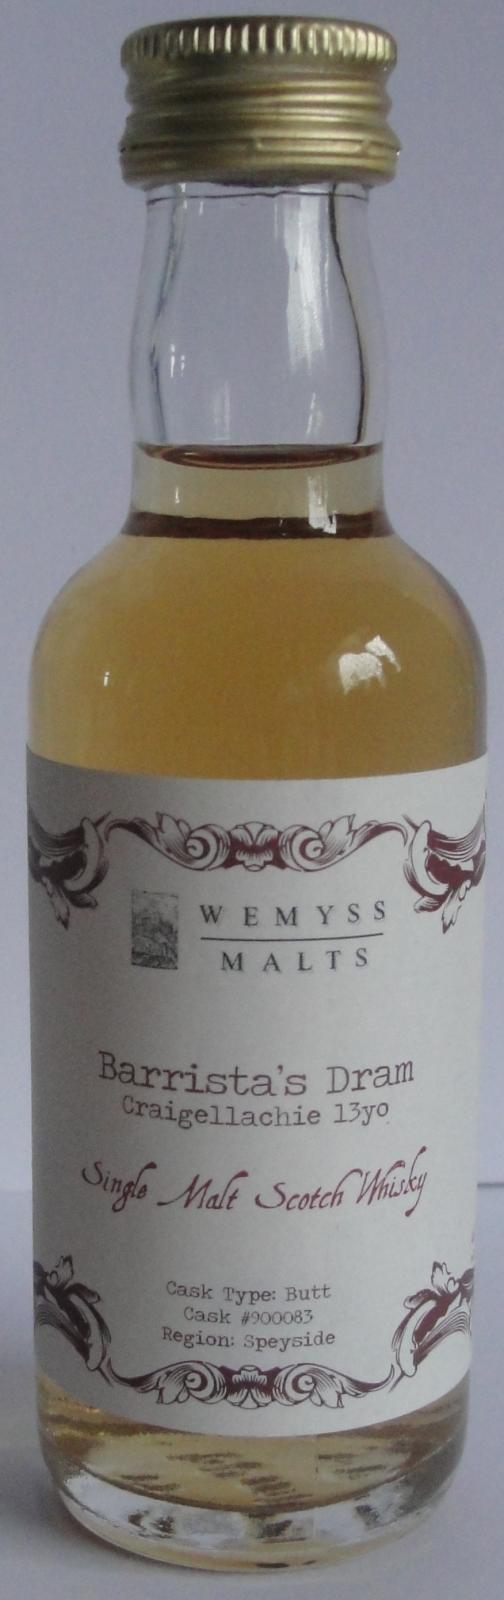 Craigellachie Barista's Dram - Wemyss Malts